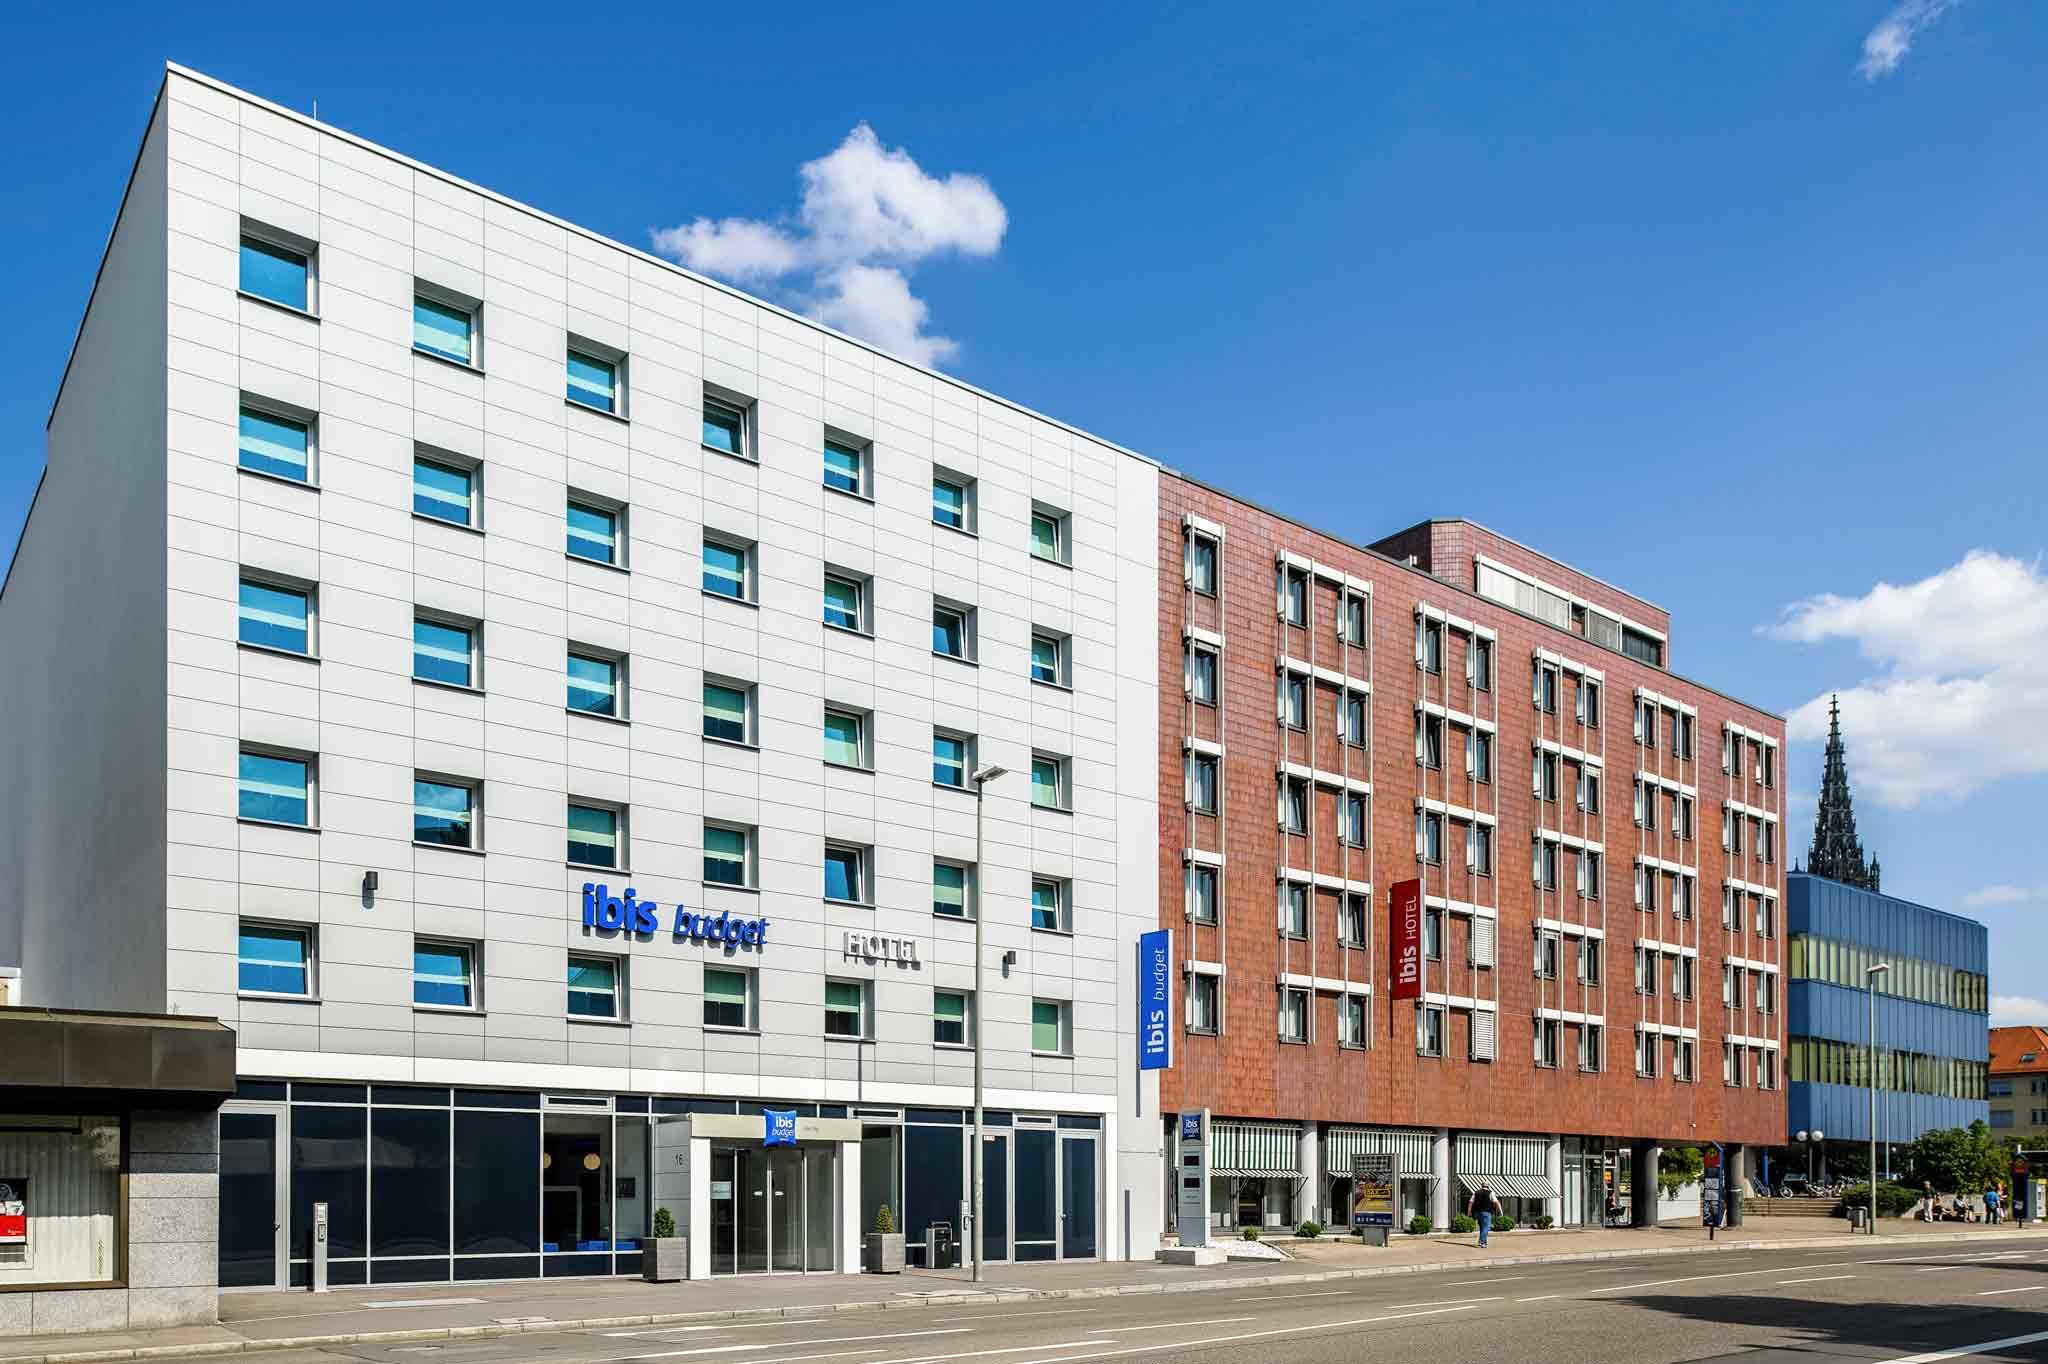 酒店 – ibis budget 乌尔姆城市酒店